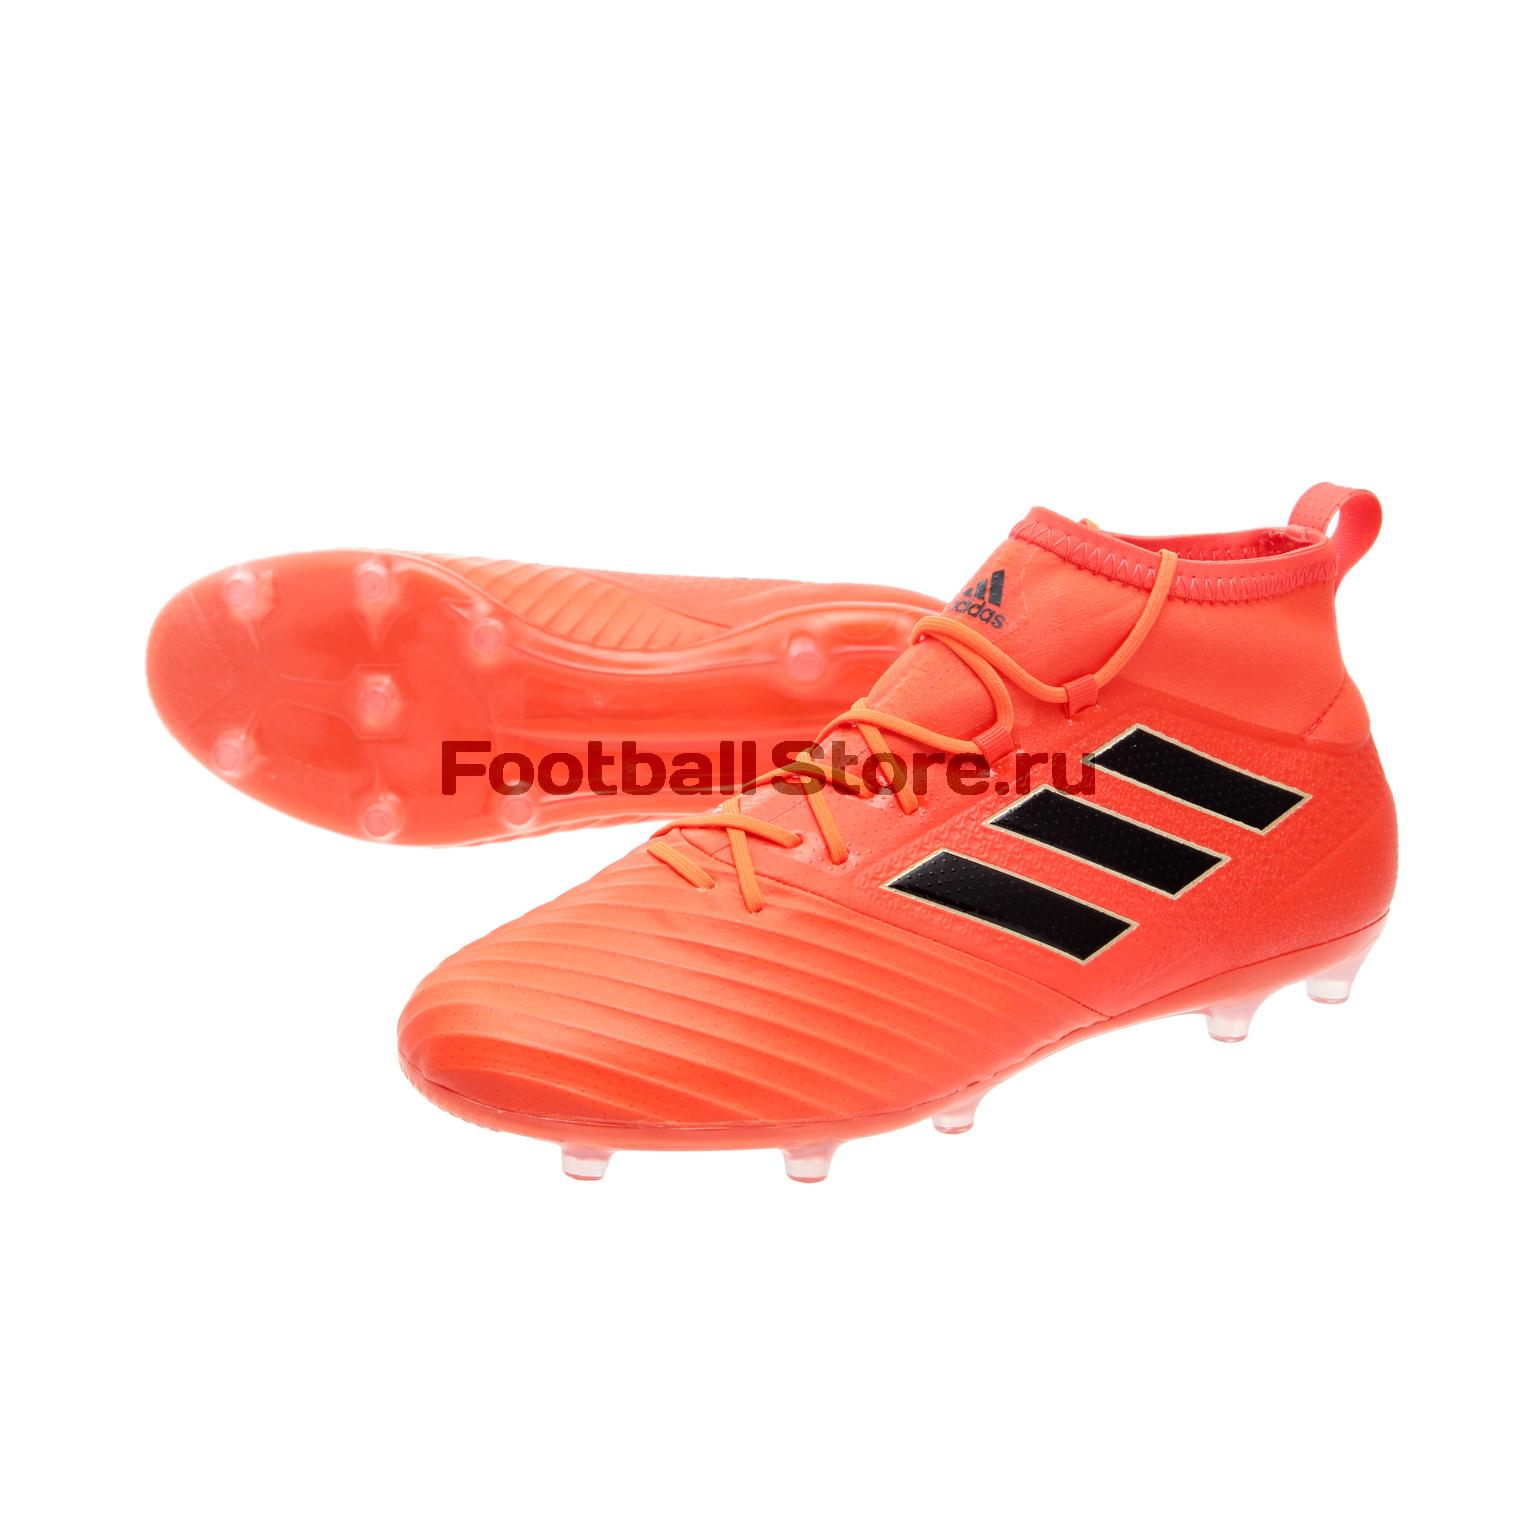 Бутсы Adidas Ace 17.2 FG BY2190 игровые бутсы adidas бутсы adidas ace 17 1 fg by2459